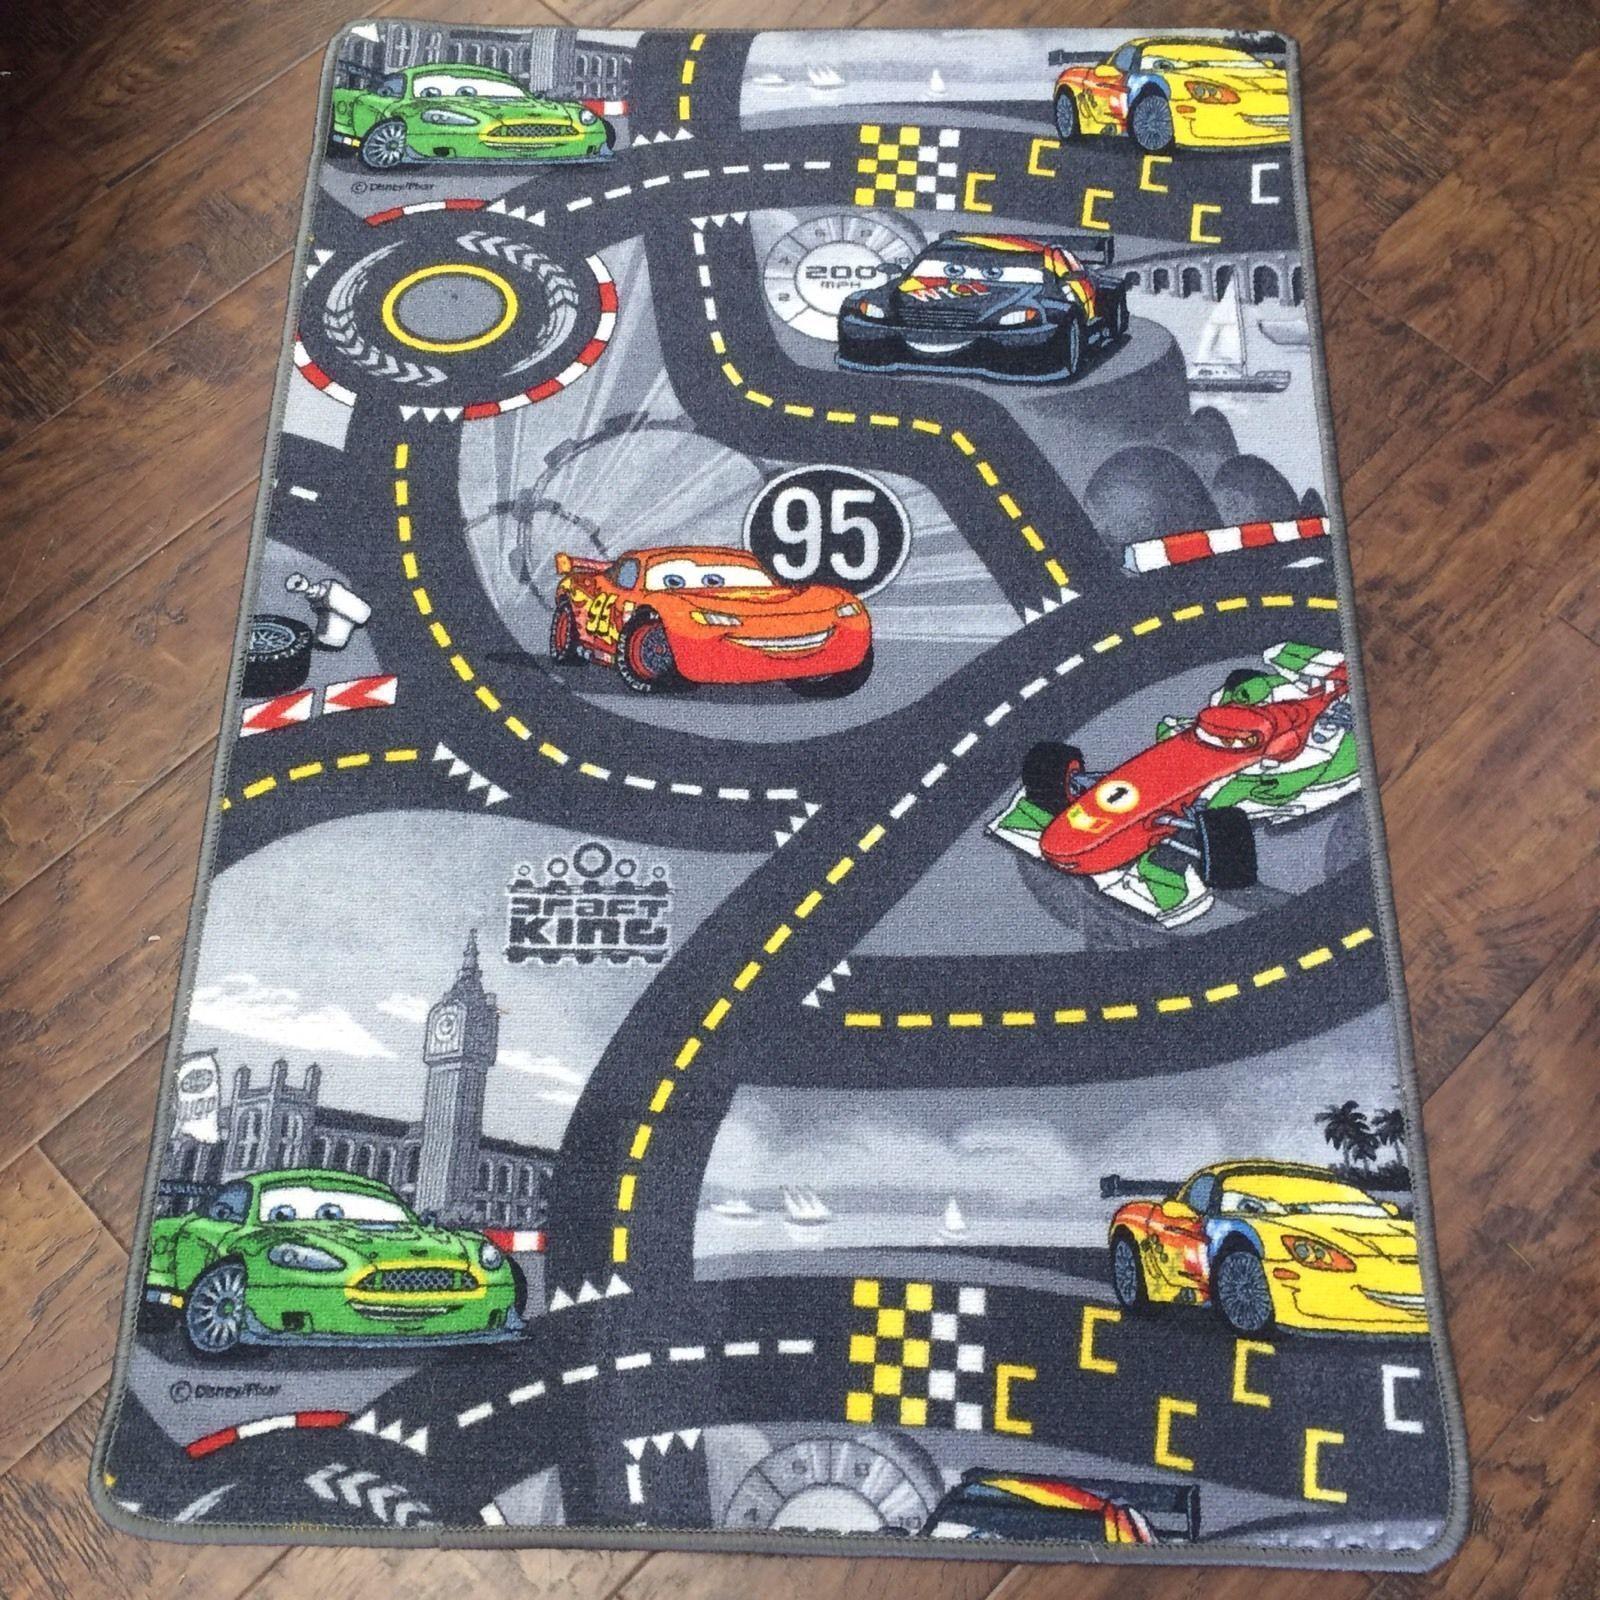 Race Car 2 Playmat Non-Slip Nursery Rug